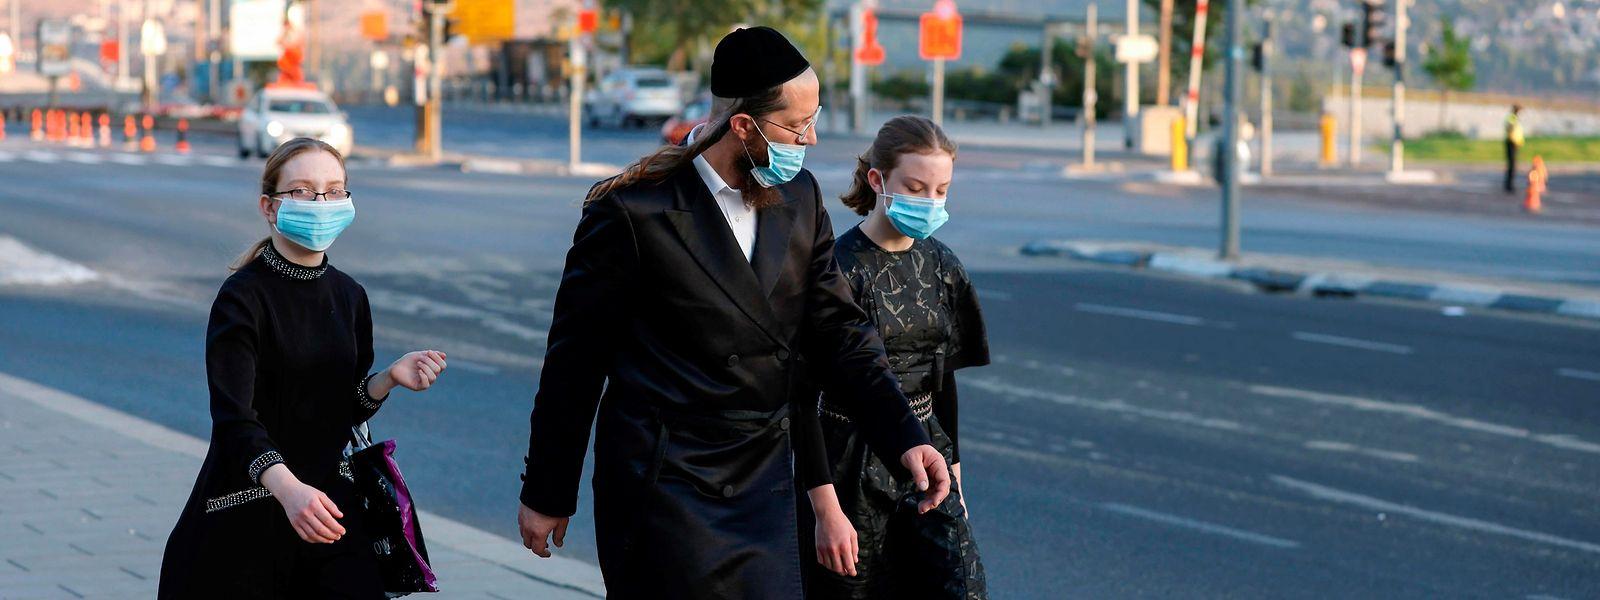 Orthodoxe Juden sind mit Schutzmaske unterwegs.